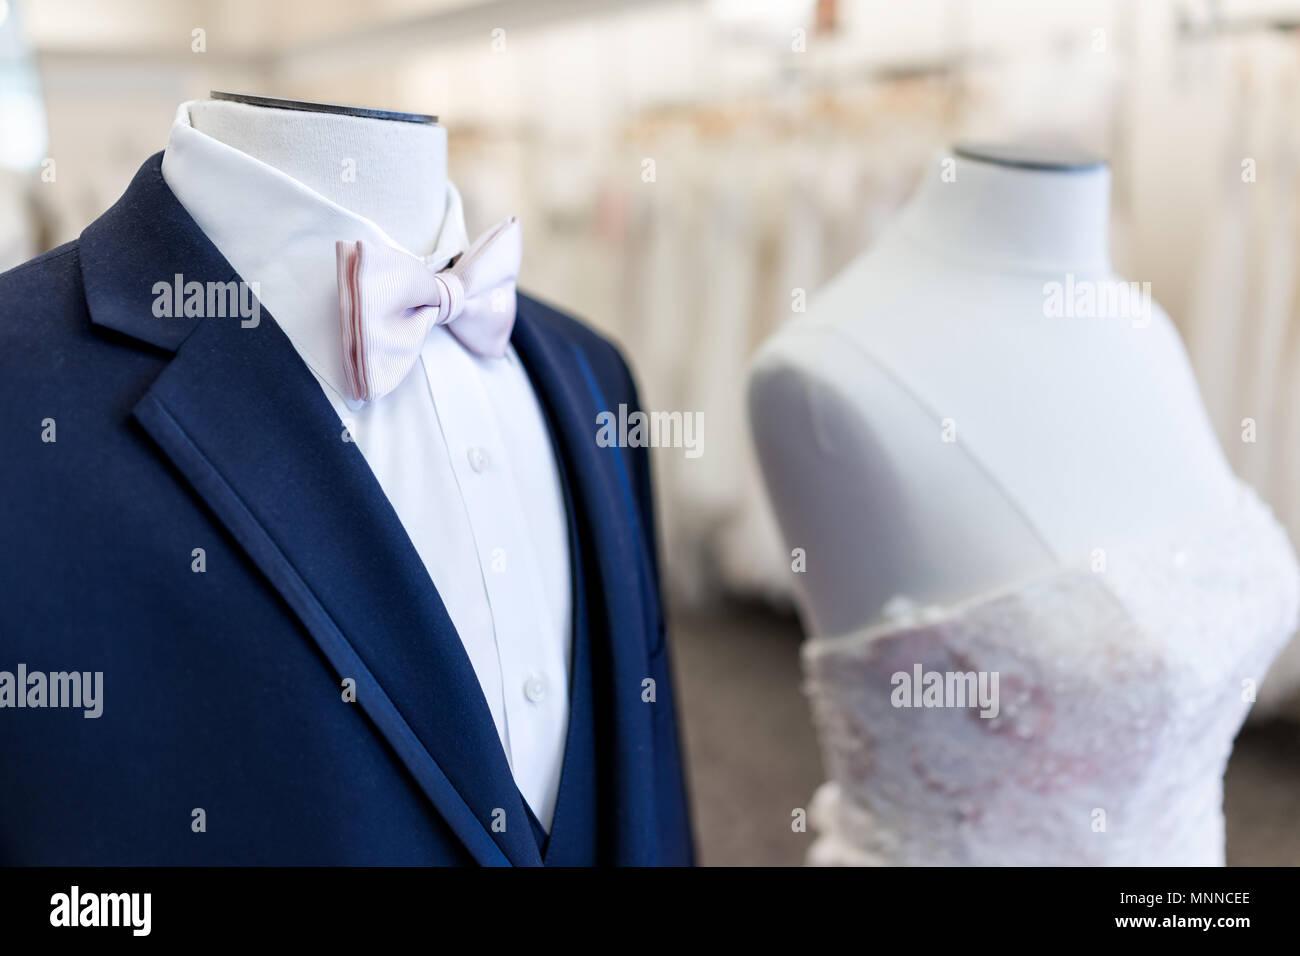 Primer plano de la novia y el novio maniqui en azul, rosa trajes de boda traje, corbata de mariposa, la corbata y la bata blanca en la tienda boutique, tienda Imagen De Stock